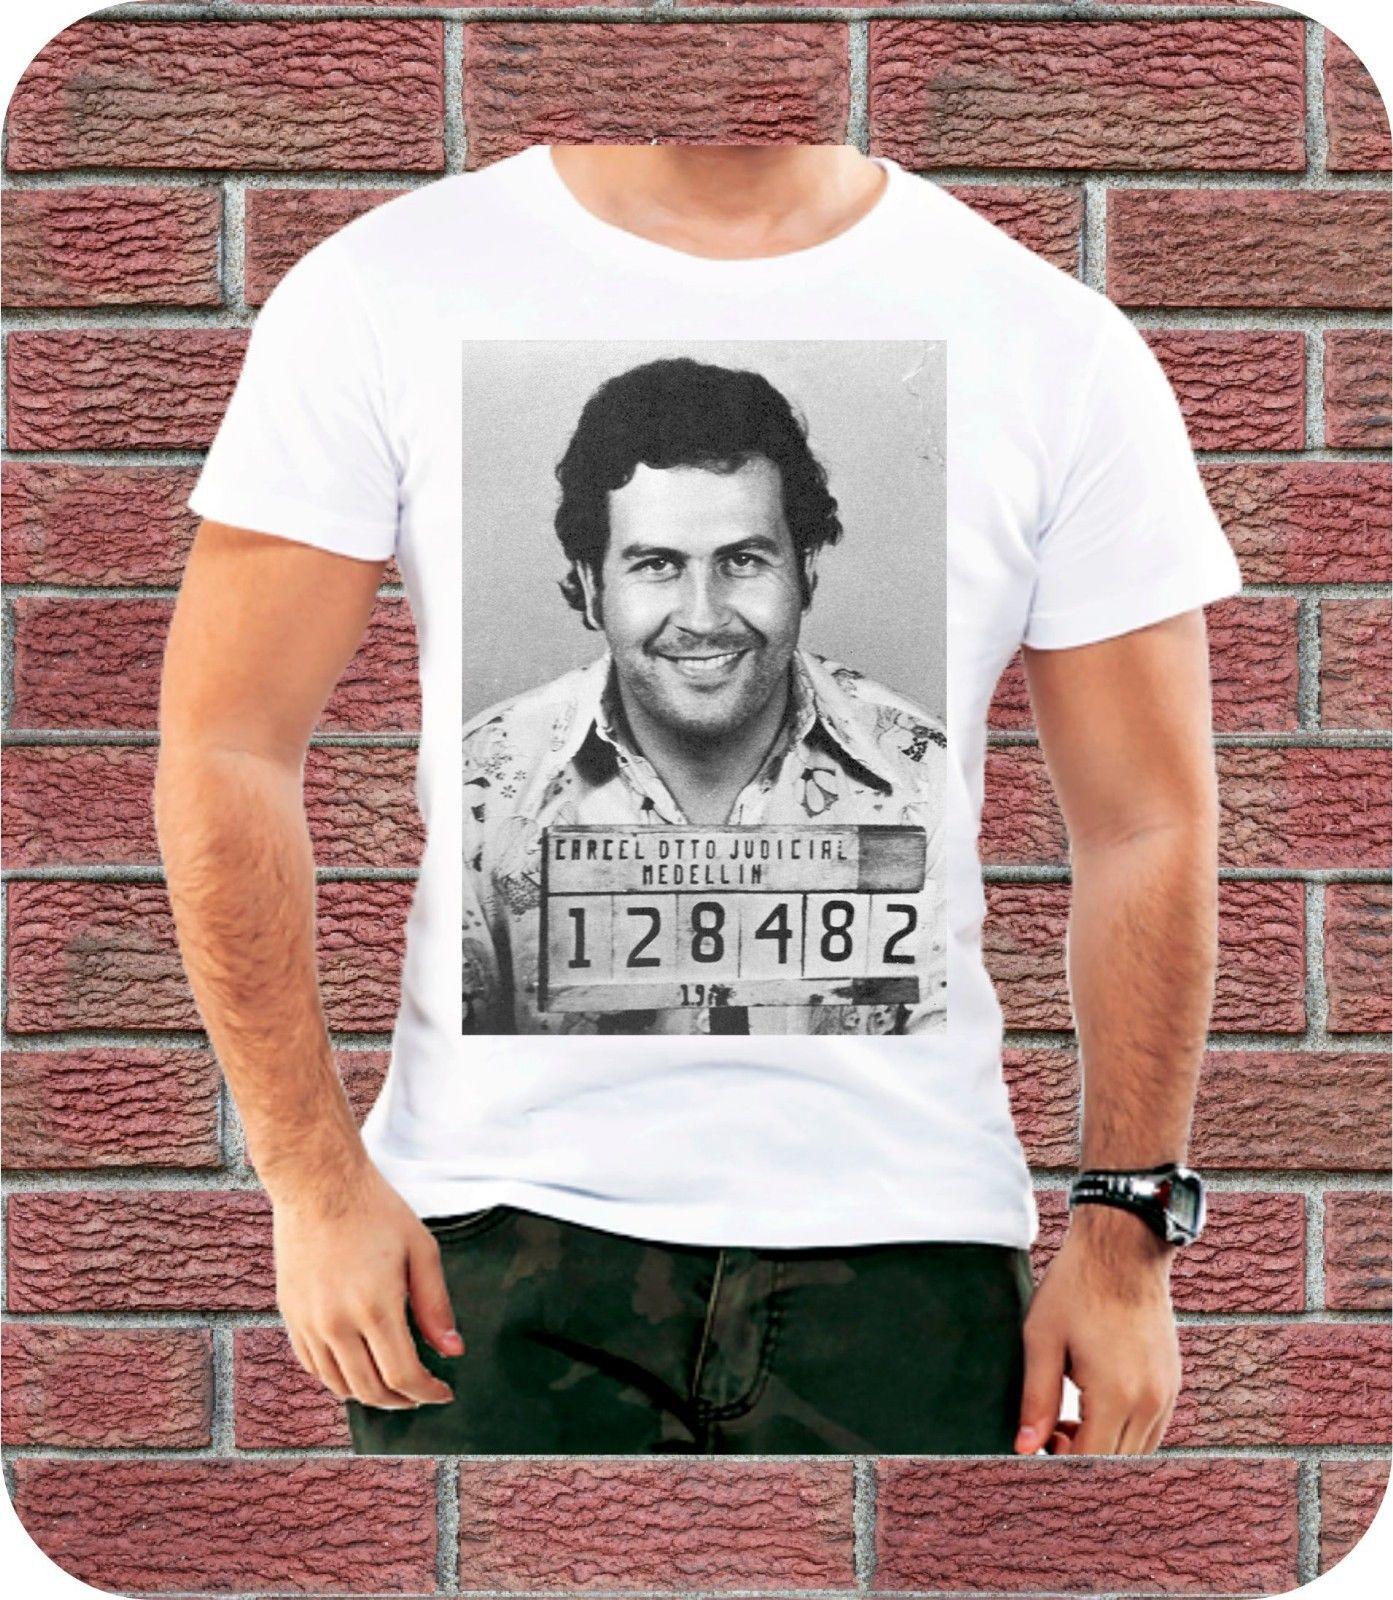 100% Vero Pablo Escobar Criminale Foto Segnaletica Maglietta Degli Uomini Regalo Di Compleanno Gangster Regalo 3xl Tecnologie Sofisticate